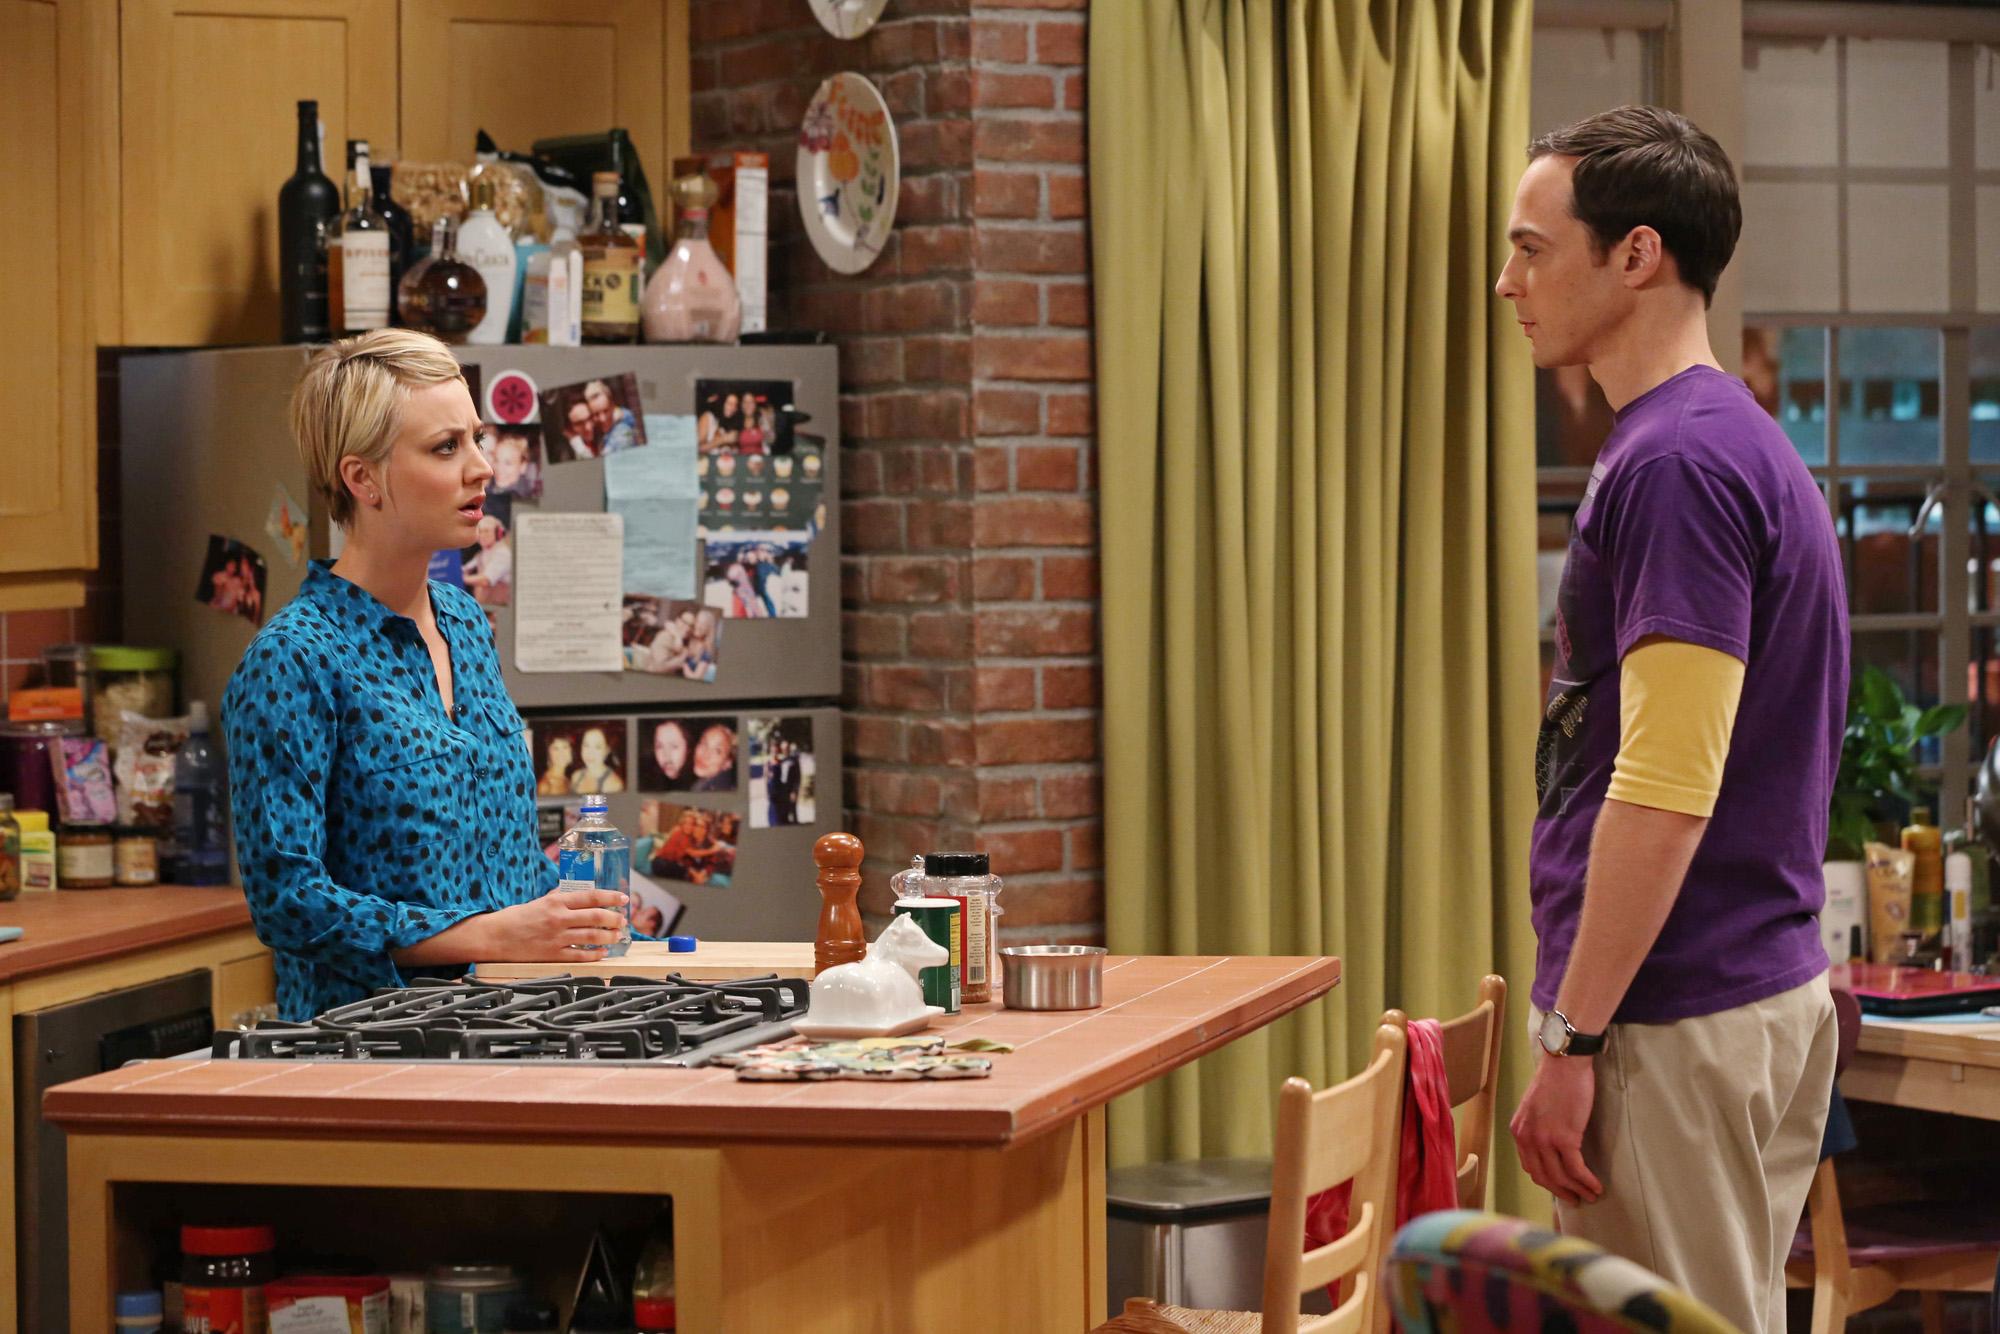 Penny and Sheldon talk